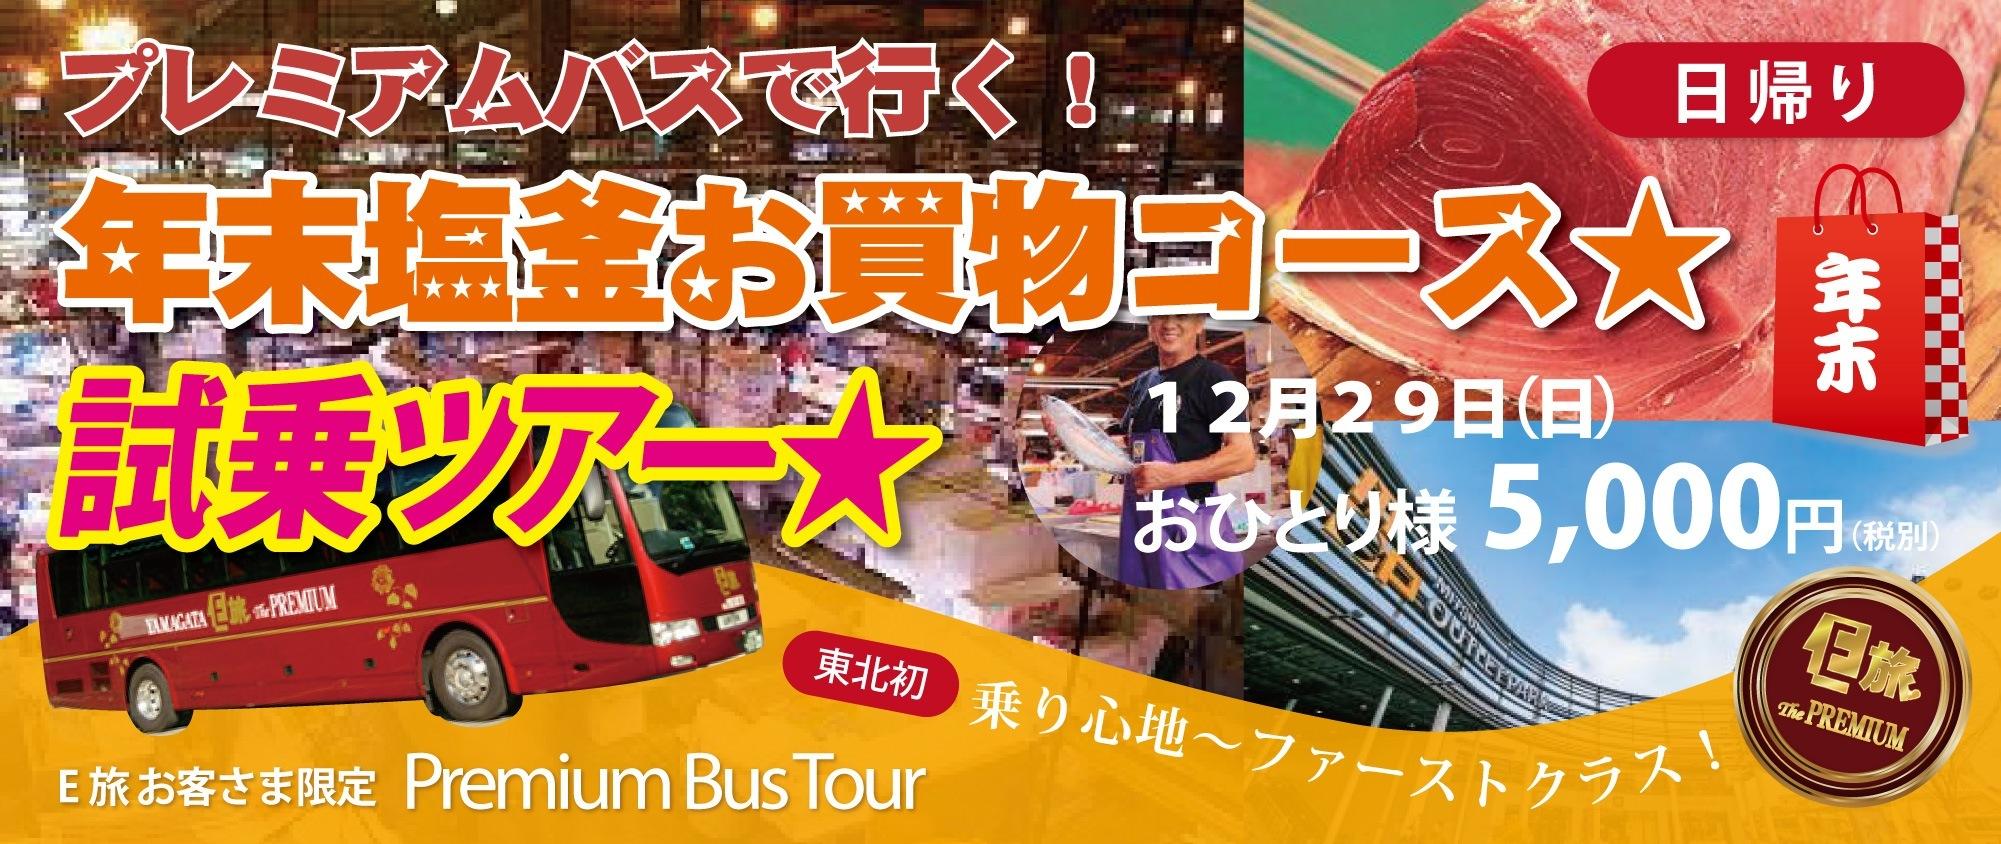 プレミアムバスで行く!試乗ツアー★〜年末塩釜お買い物コース〜